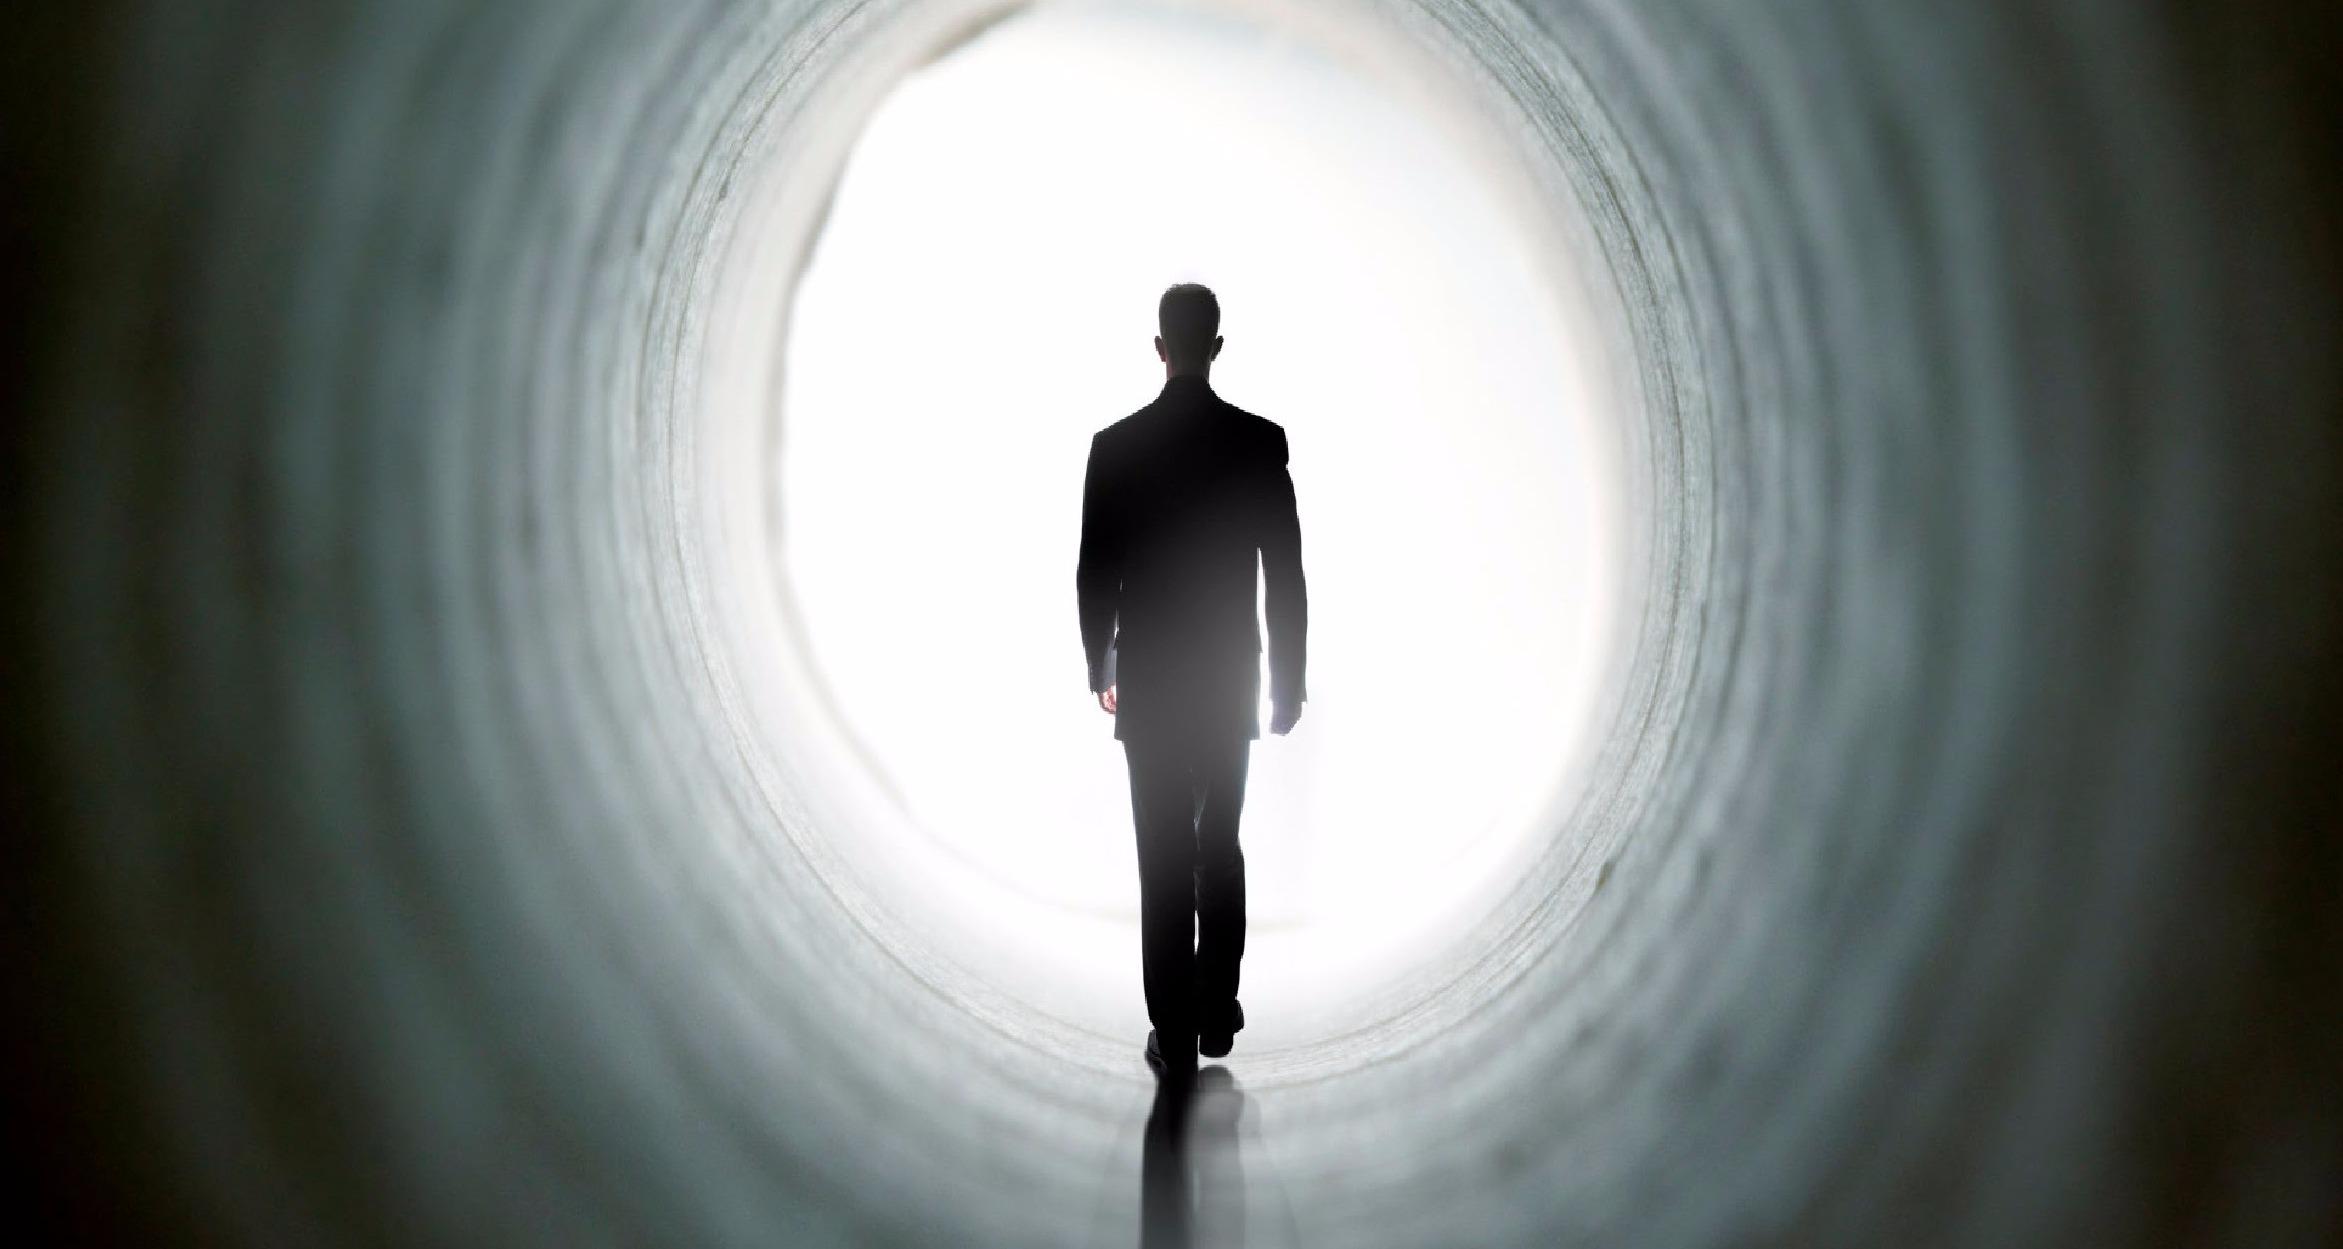 je li moguće da bog vodi ljude u raj ili pakao (1)